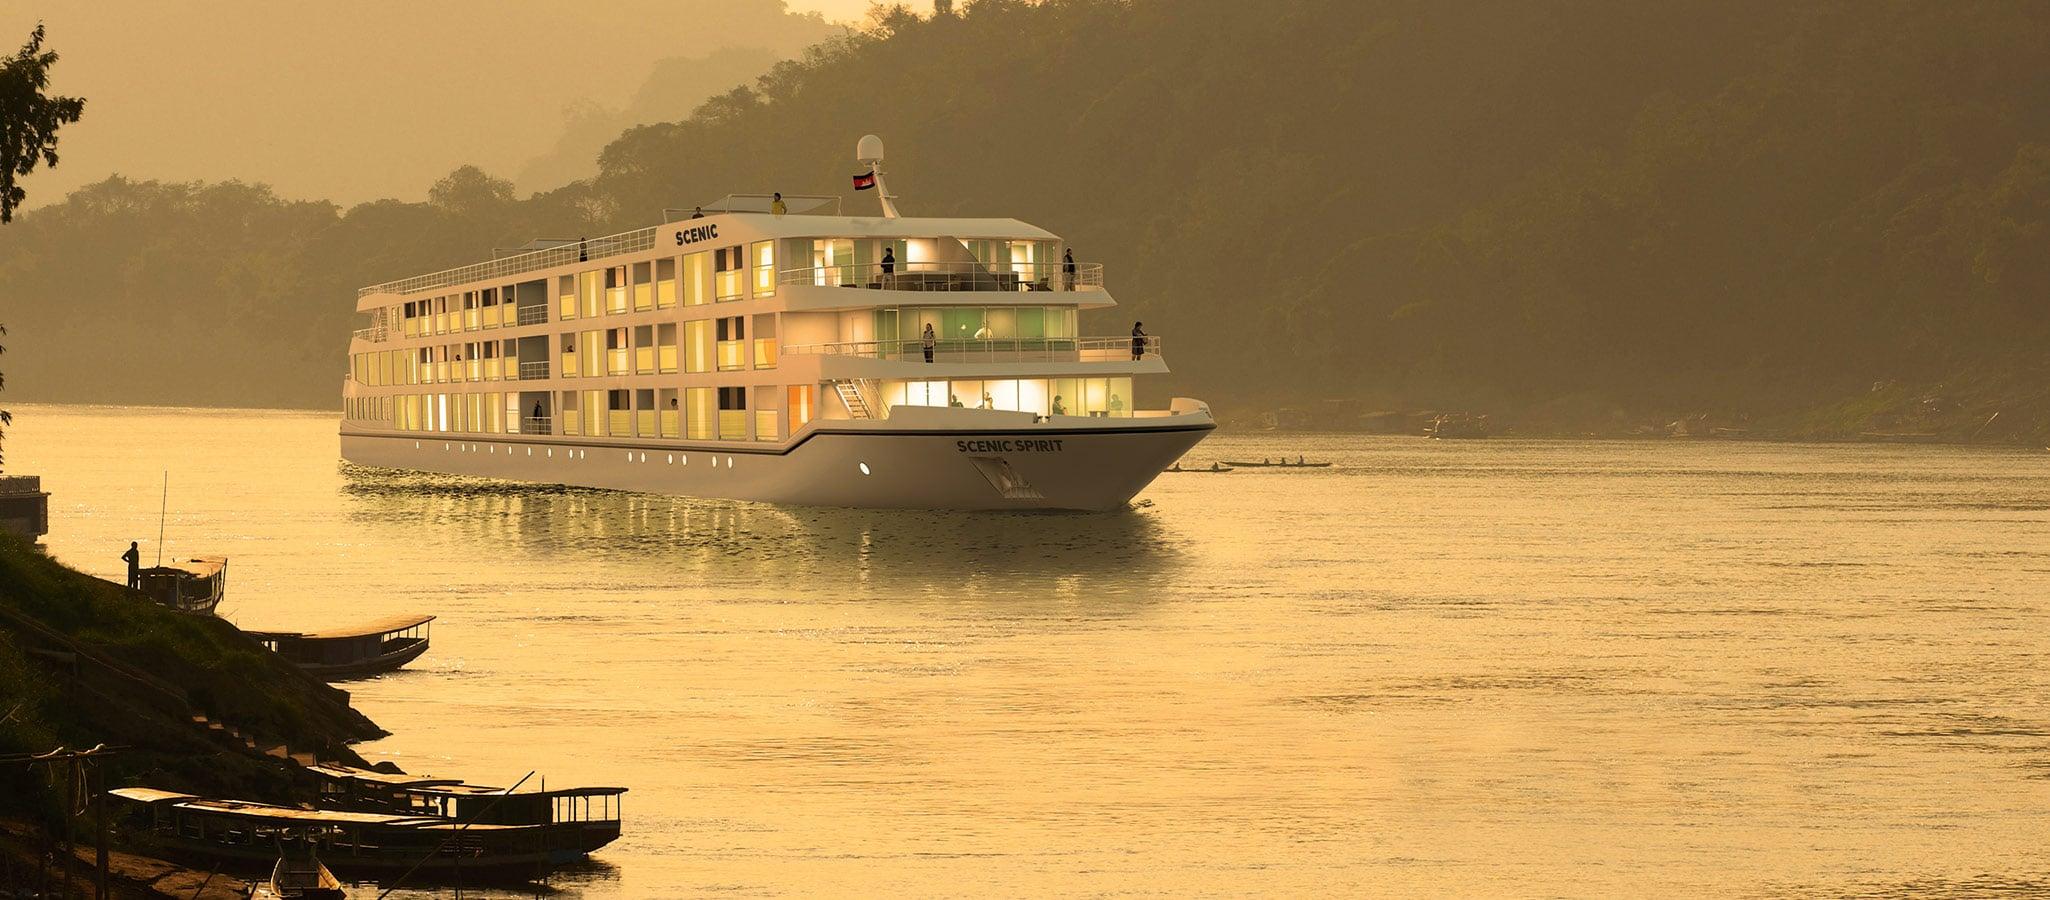 Abendstimmung am Fluss. Kulisse für einzigartige Momente und einer der Gründe, warum immer mehr Unternehmen ein Flusskreuzfahrschiff chartern.